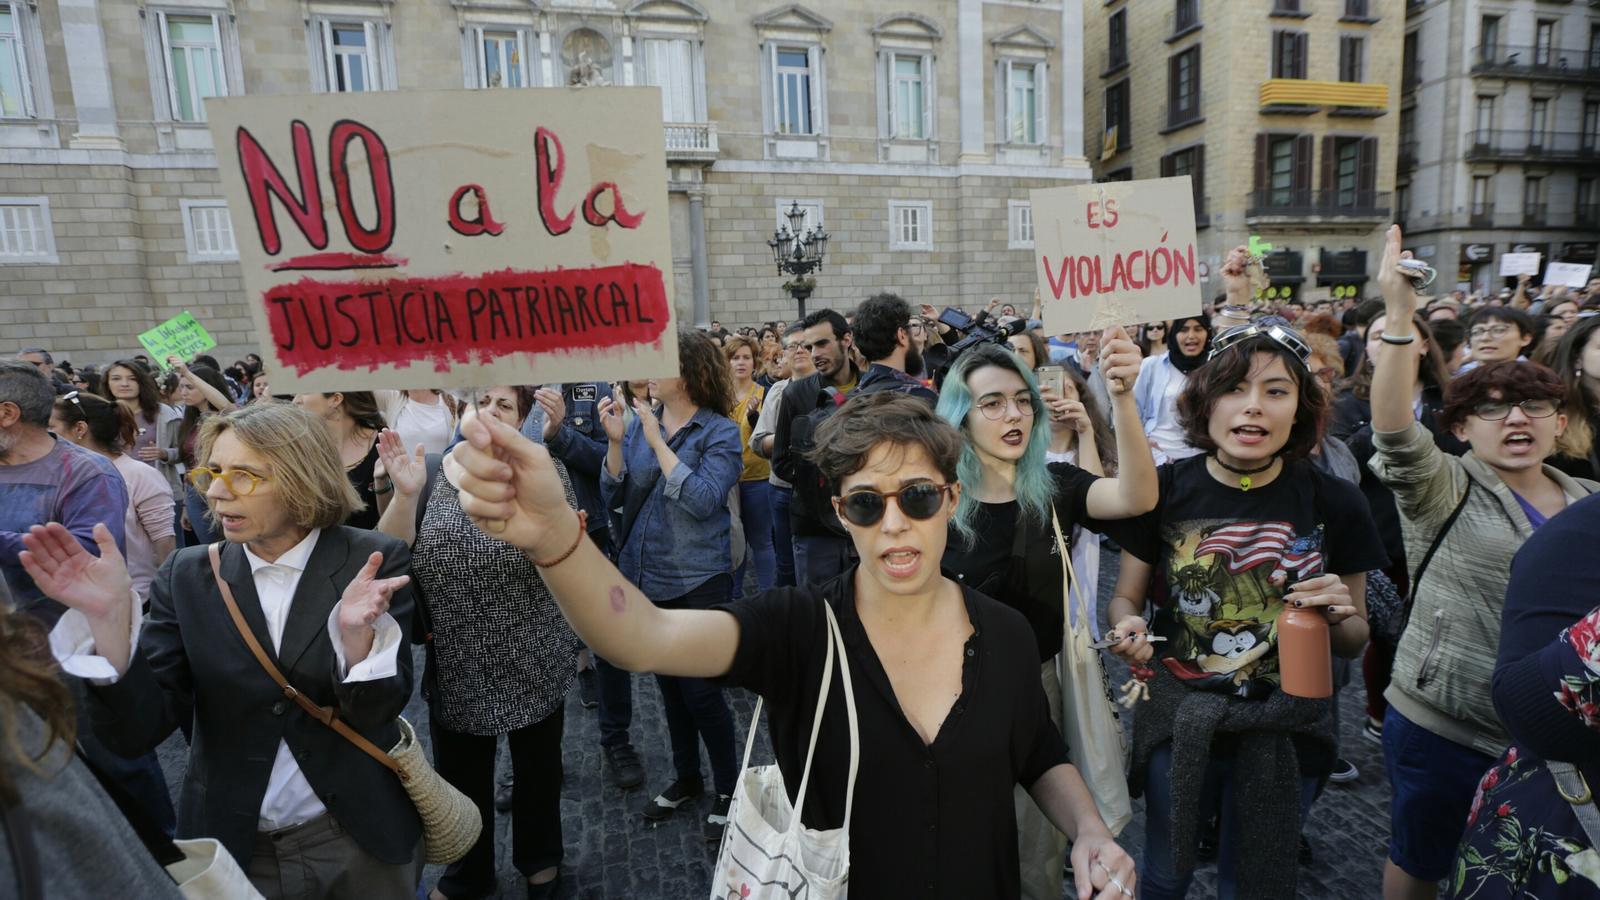 Milers de persones -la majoria dones- s'han concentrat a la plaça Sant Jaume de Barcelona